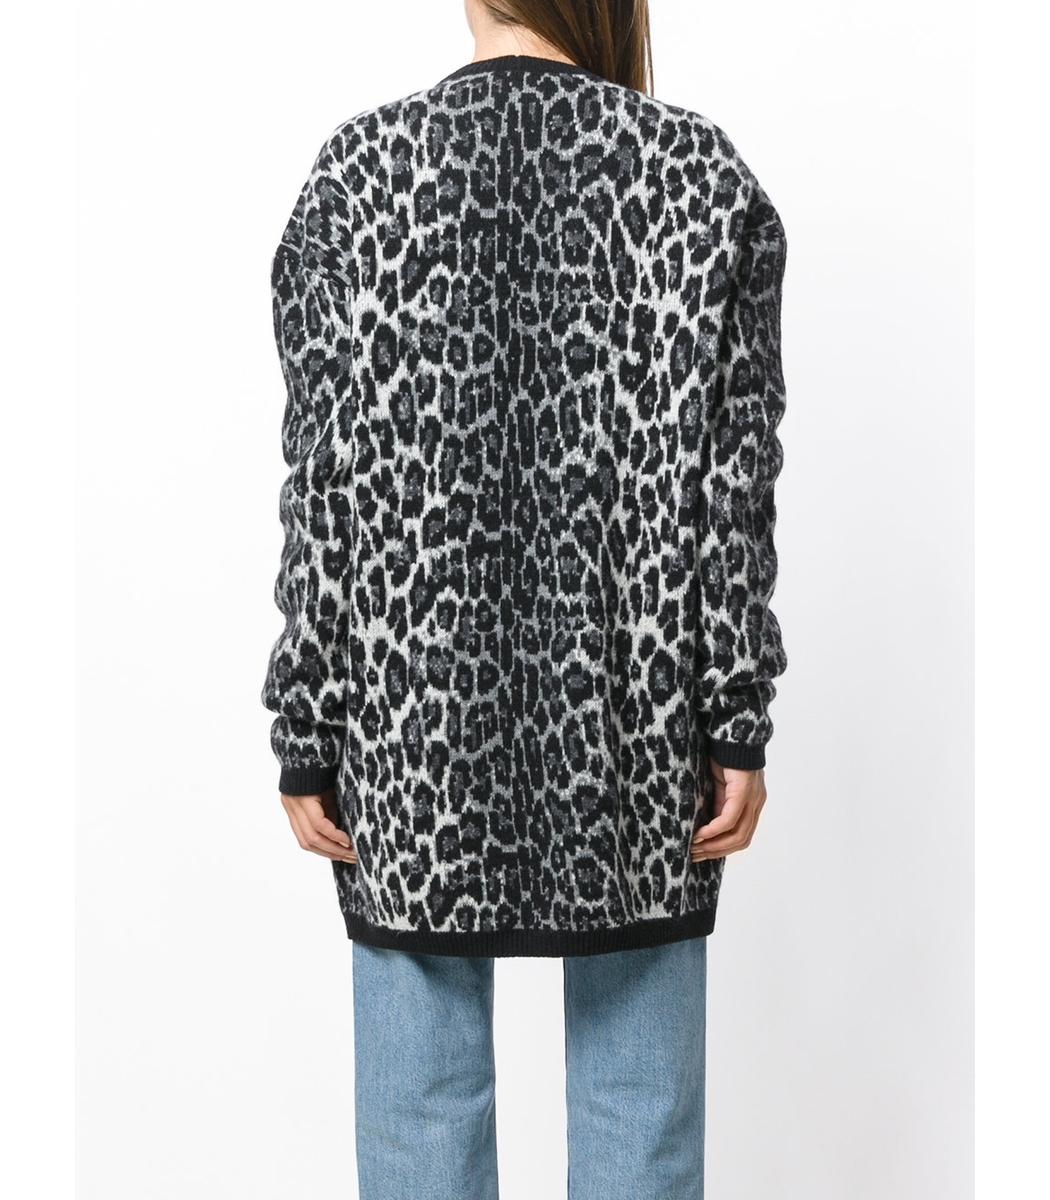 Magda Butrym Leopard Print Cardigan - Silver Cotton Cardigan